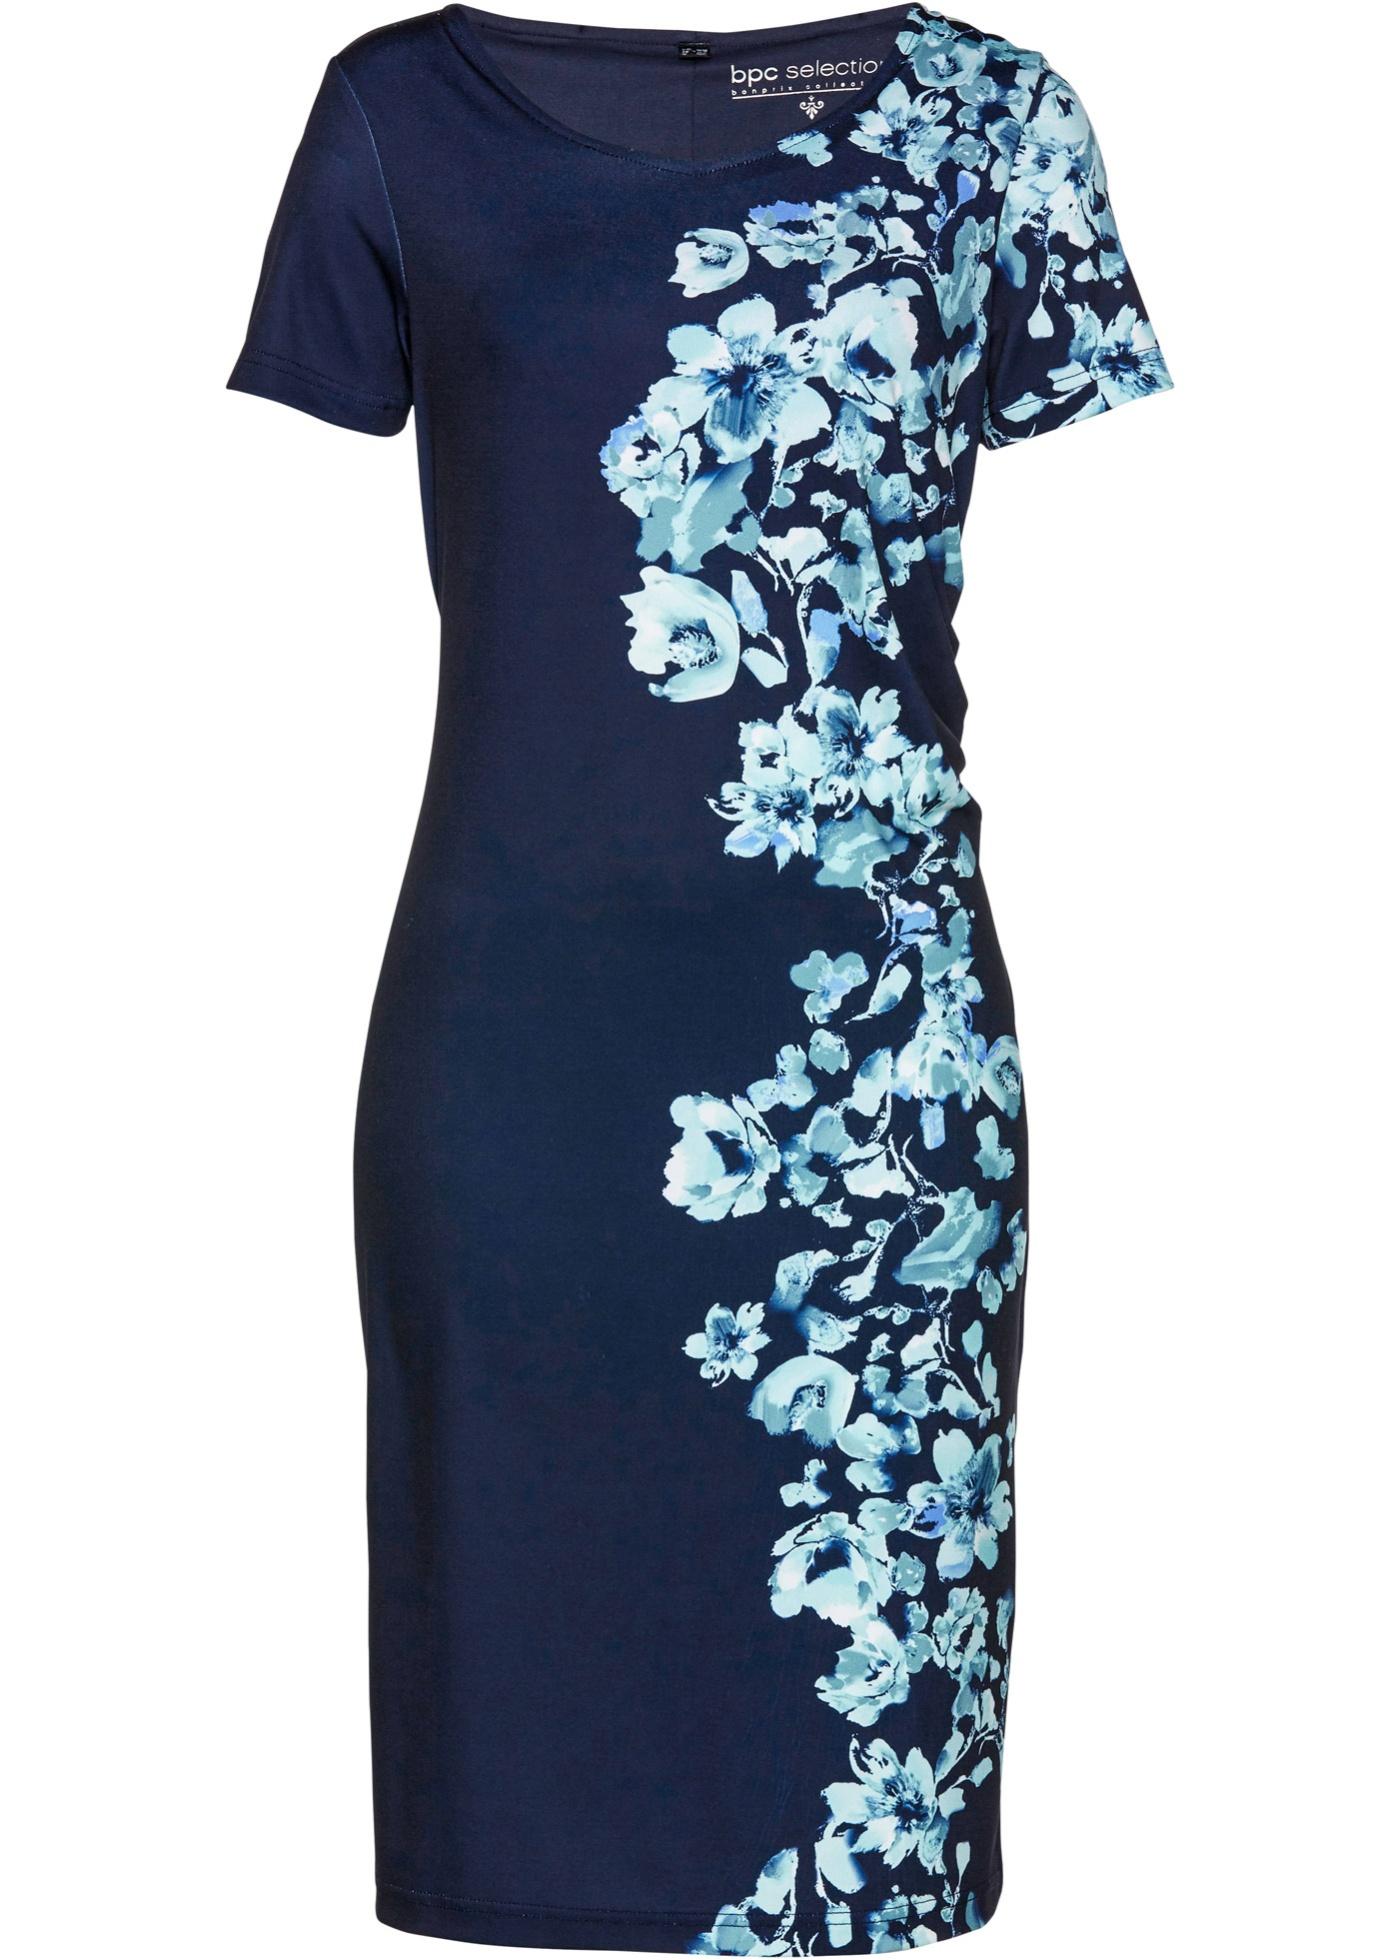 Levné Úpletové šaty s potiskem | Modrá barva šatů